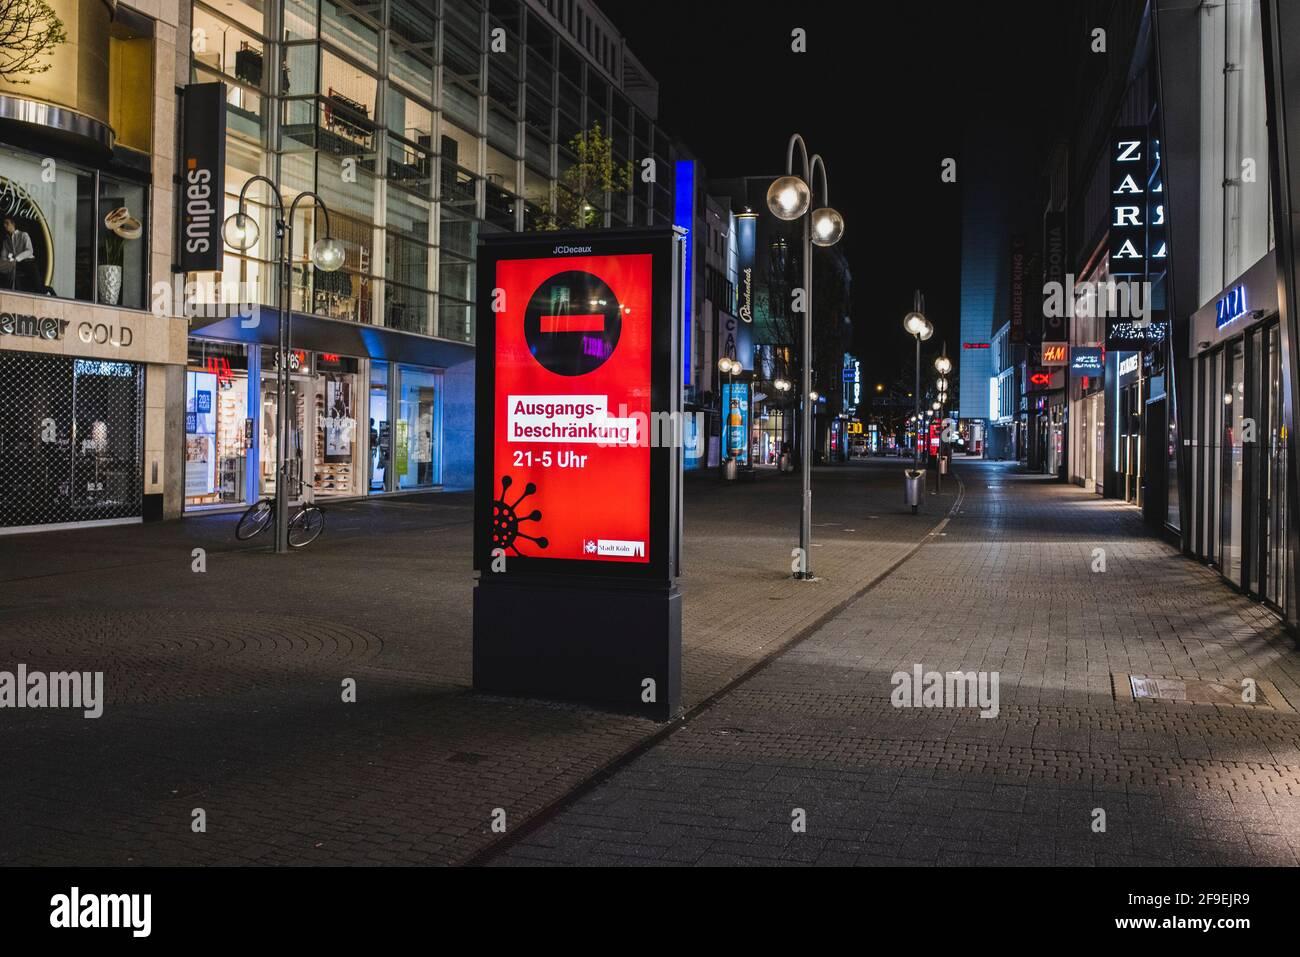 Kšln, Innenstadt, 17.04.21-18.04.21: Bilddokumentation der Ausgangssperre von 21Uhr bis 5Uhr, Leere Einkaufsstra§en hier die Schildergasse mit den Hin Stock Photo